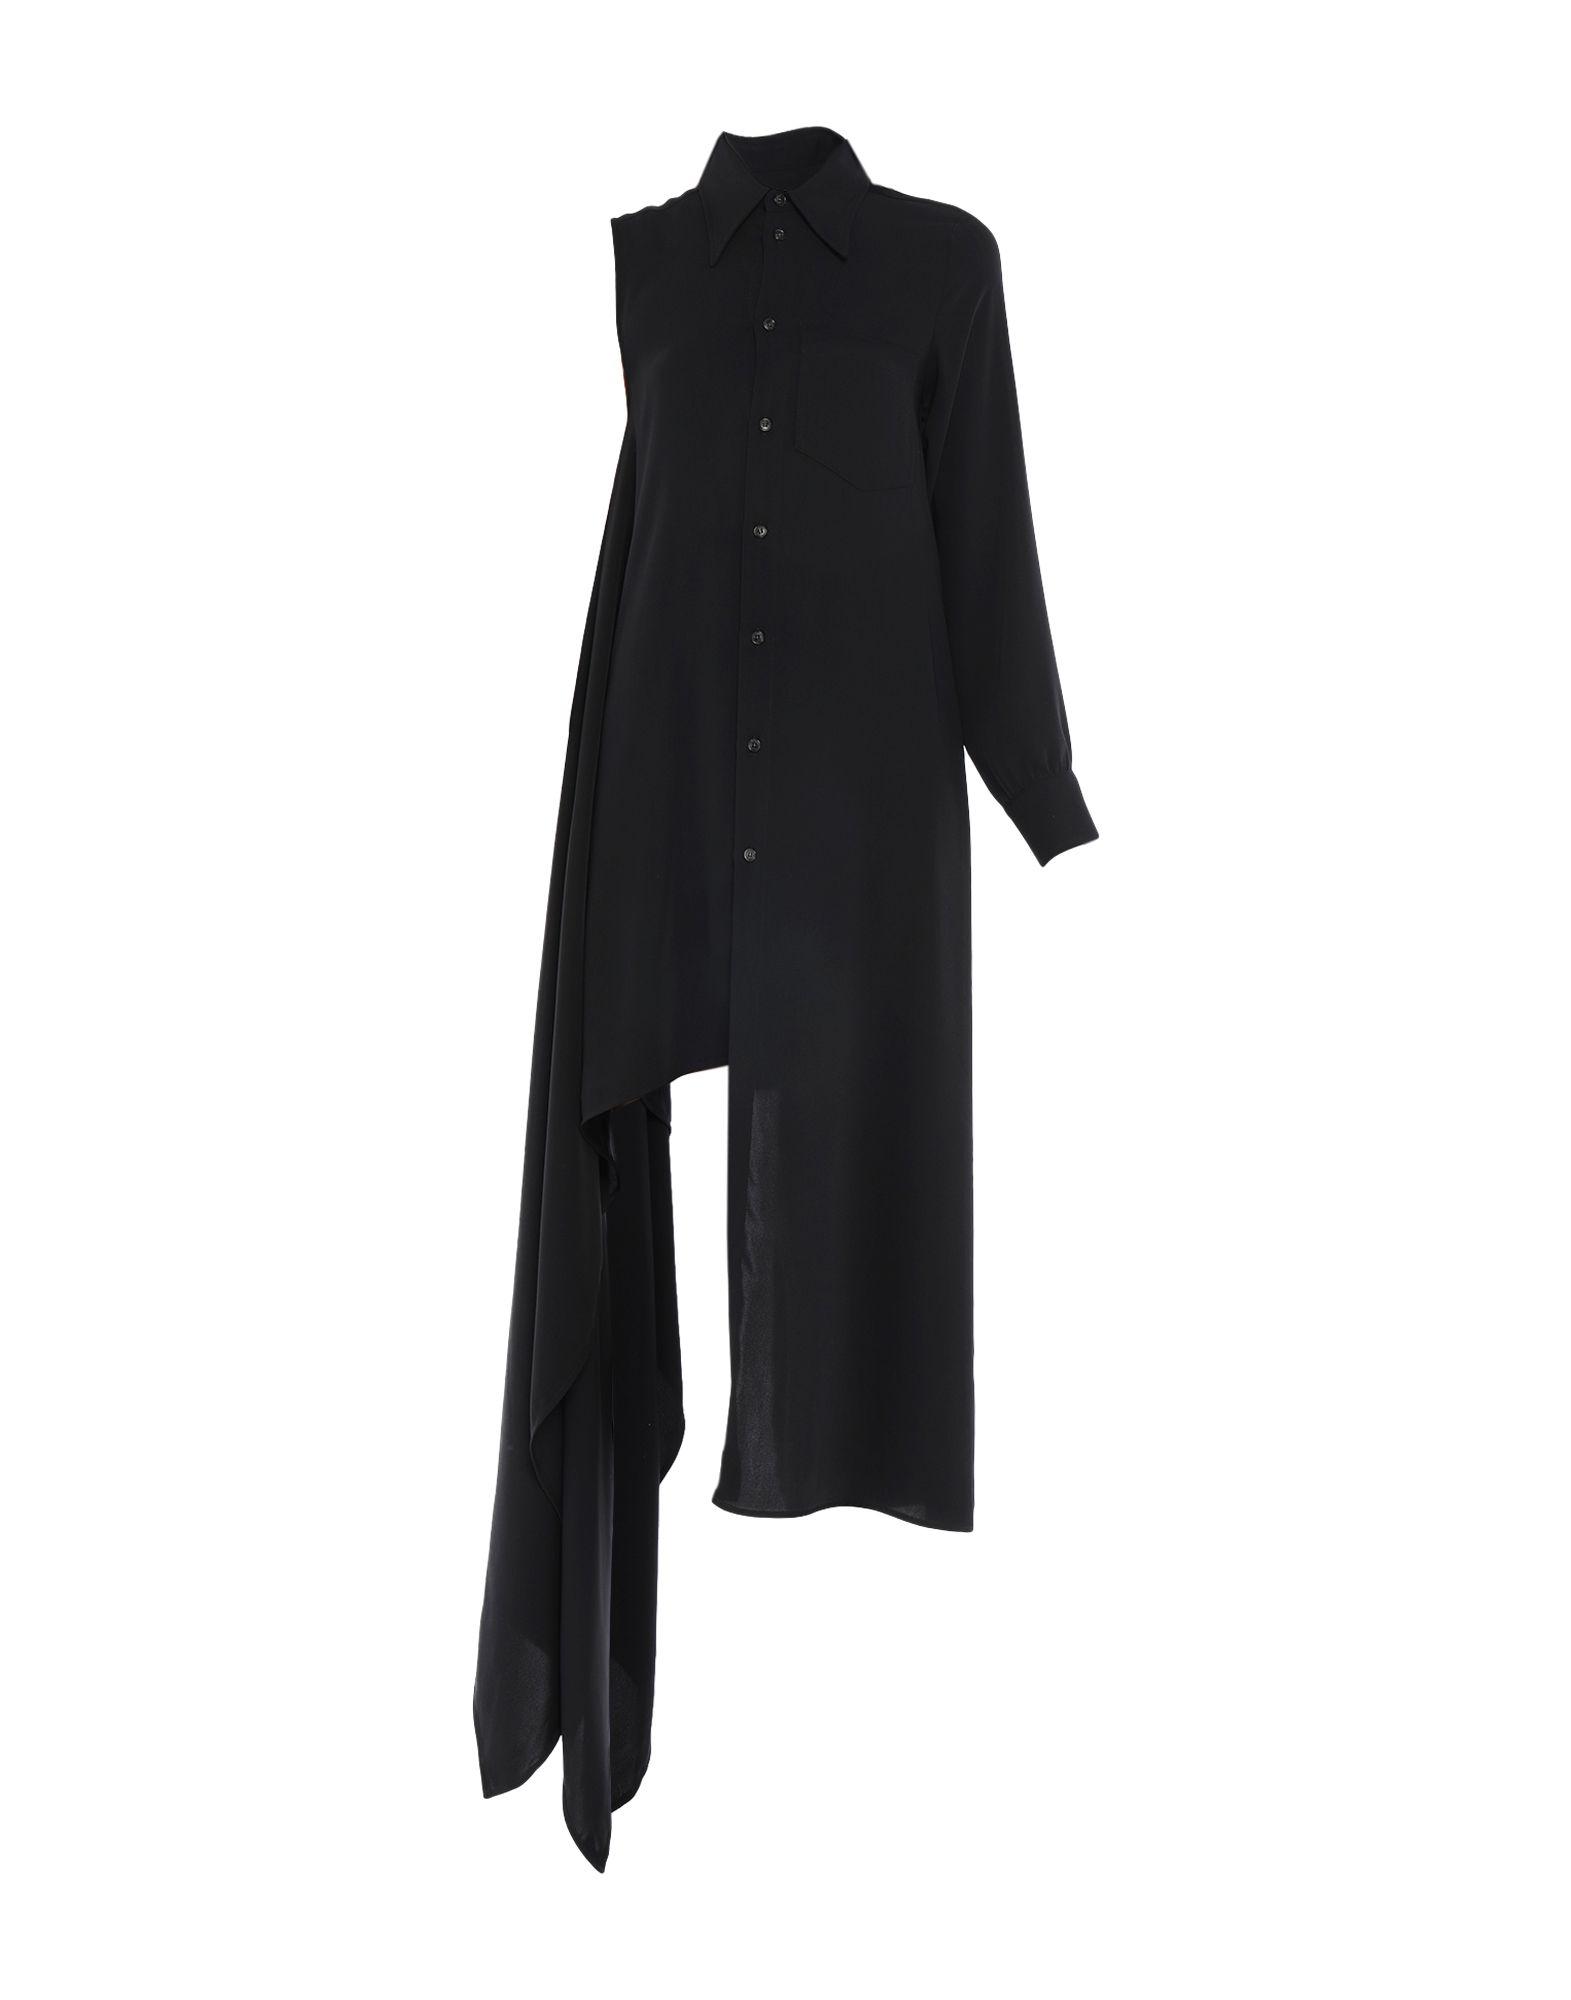 MM6 MAISON MARGIELA Платье длиной 3/4